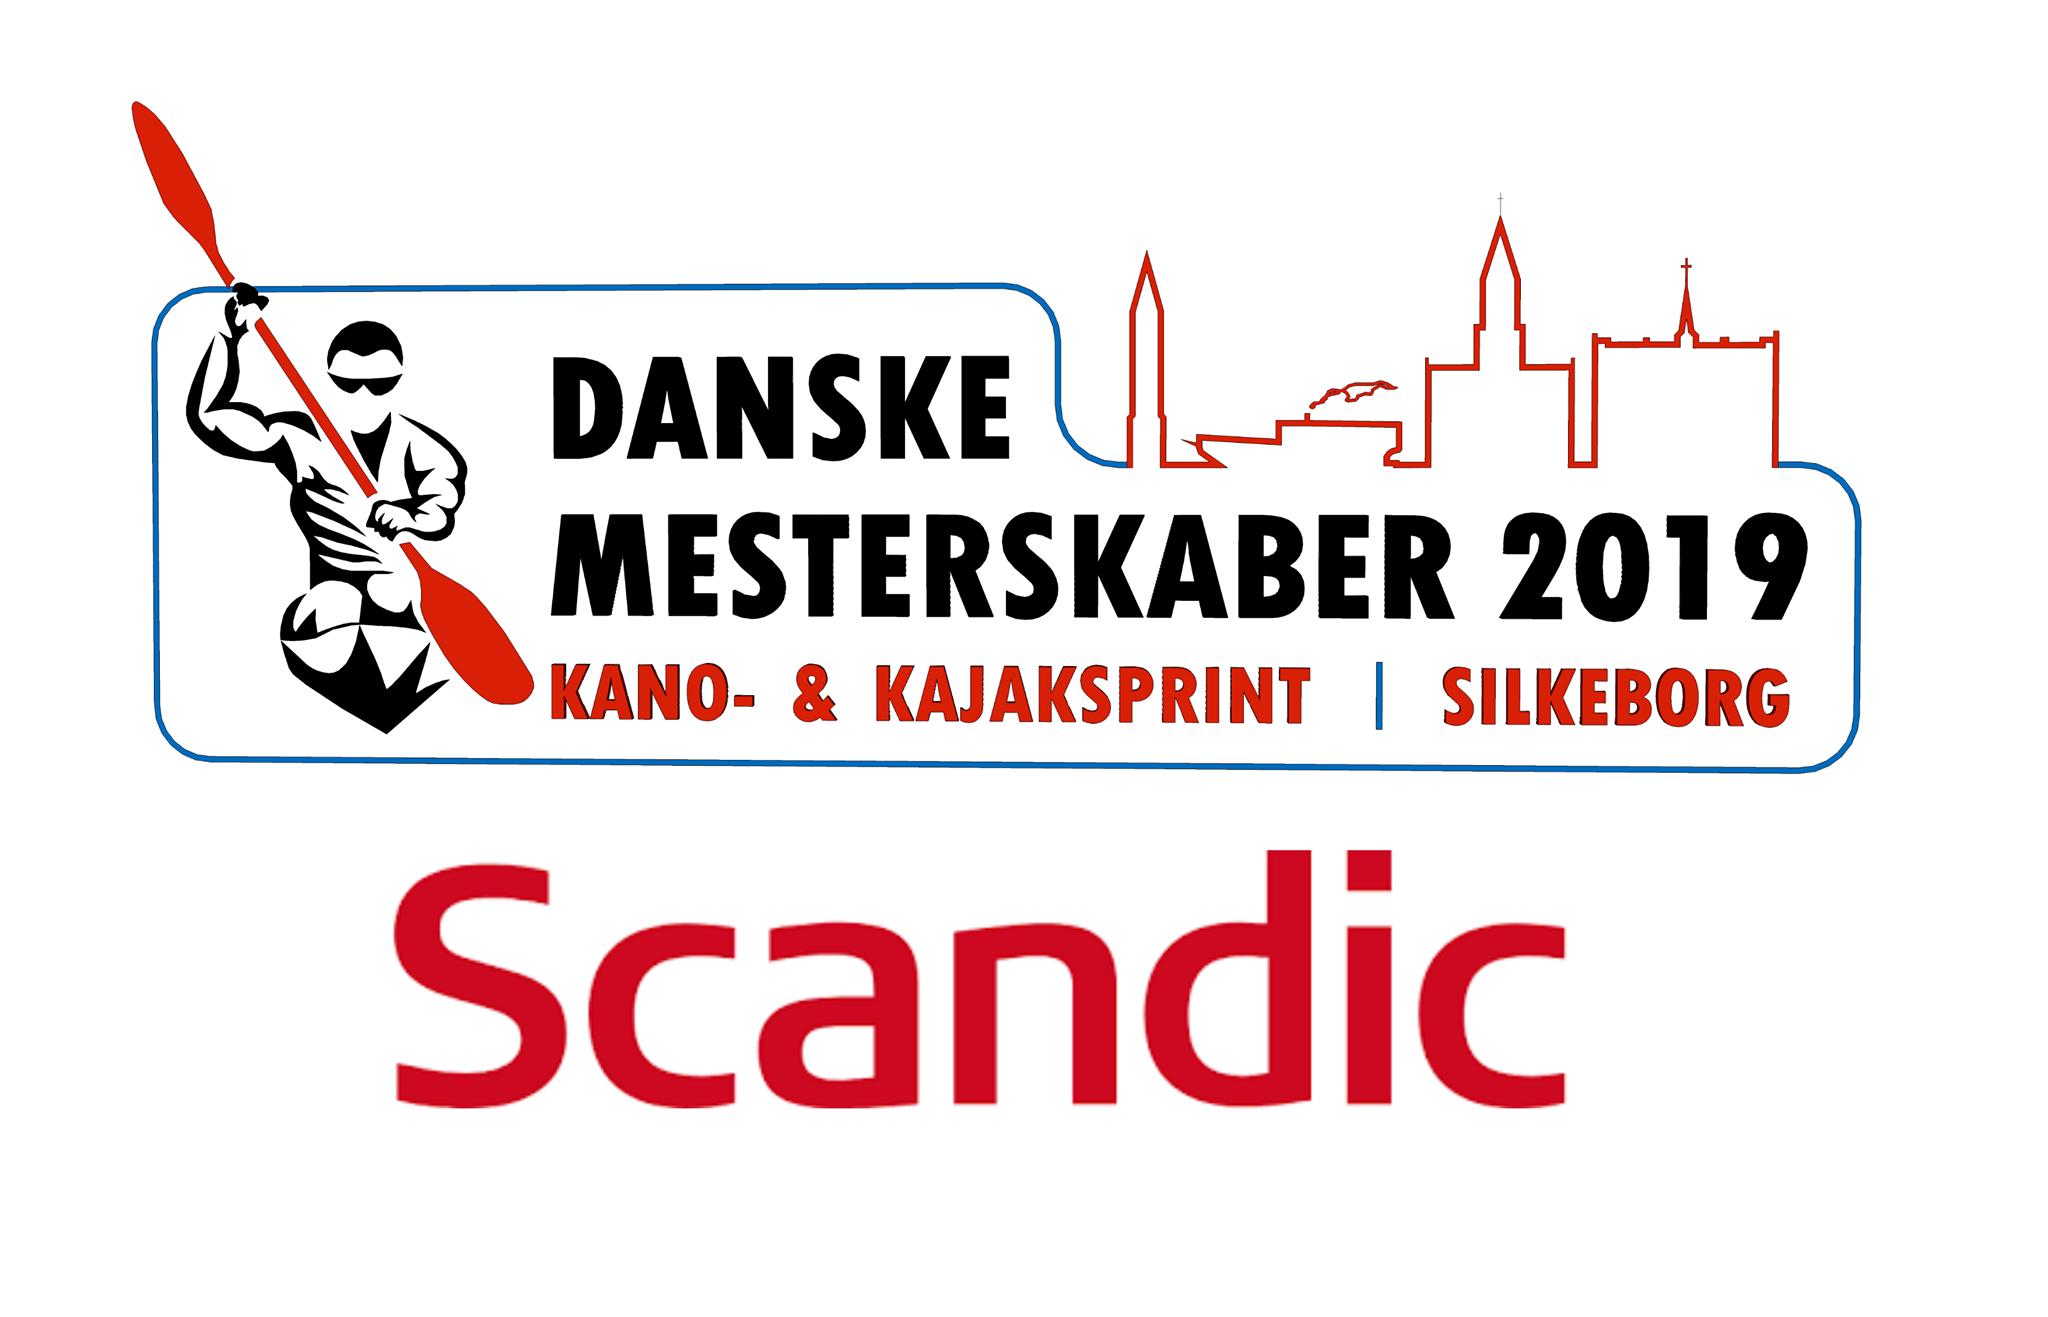 Overnatning på Scandic Hotel - Vi har indgået et samarbejde med Scandic Hotel 🛌 i Silkeborg, blot 2 km fra målstregen 🏁Der er gode senge og fin morgenmad, så du kan præstere godt 💪Det er muligt at booke værelser allerede nu. Du kan bruge bookingkoden (D-nummer): D000039933 og opnå fordele.